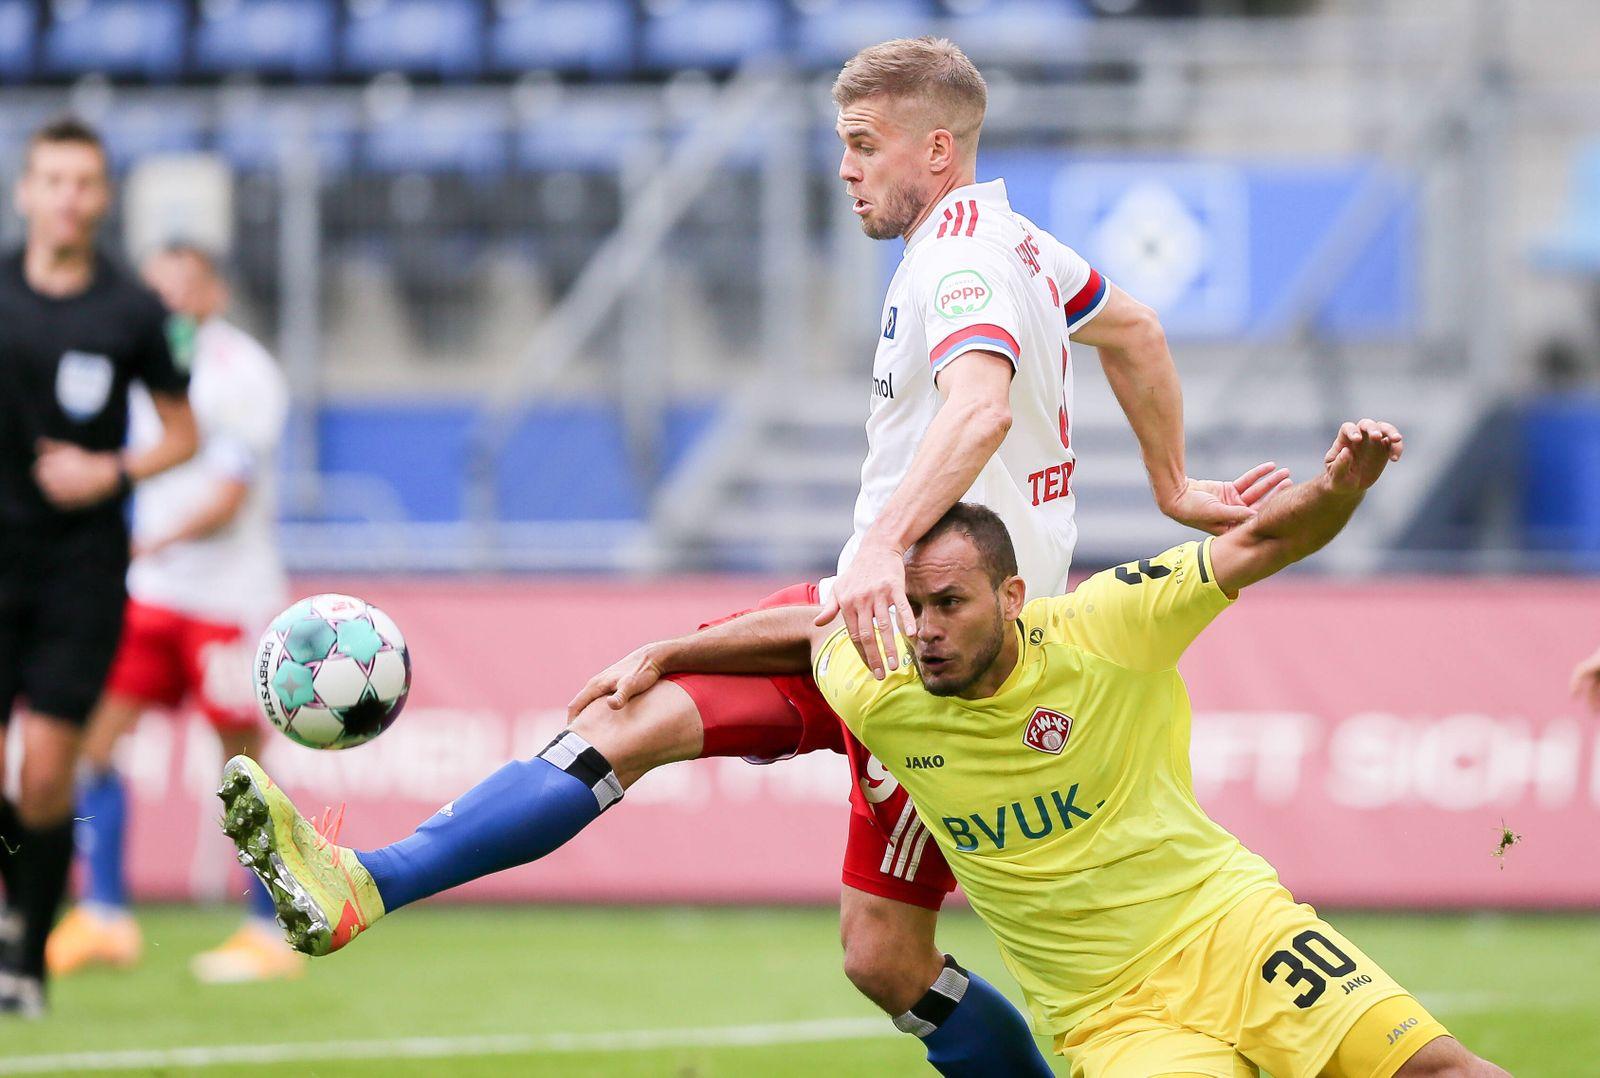 Deutschland, Hamburg. 24.10.20 2. Fussball Bundesliga Saison 20/21, 05. Spieltag Hamburger SV - Würzburger Kickers im V